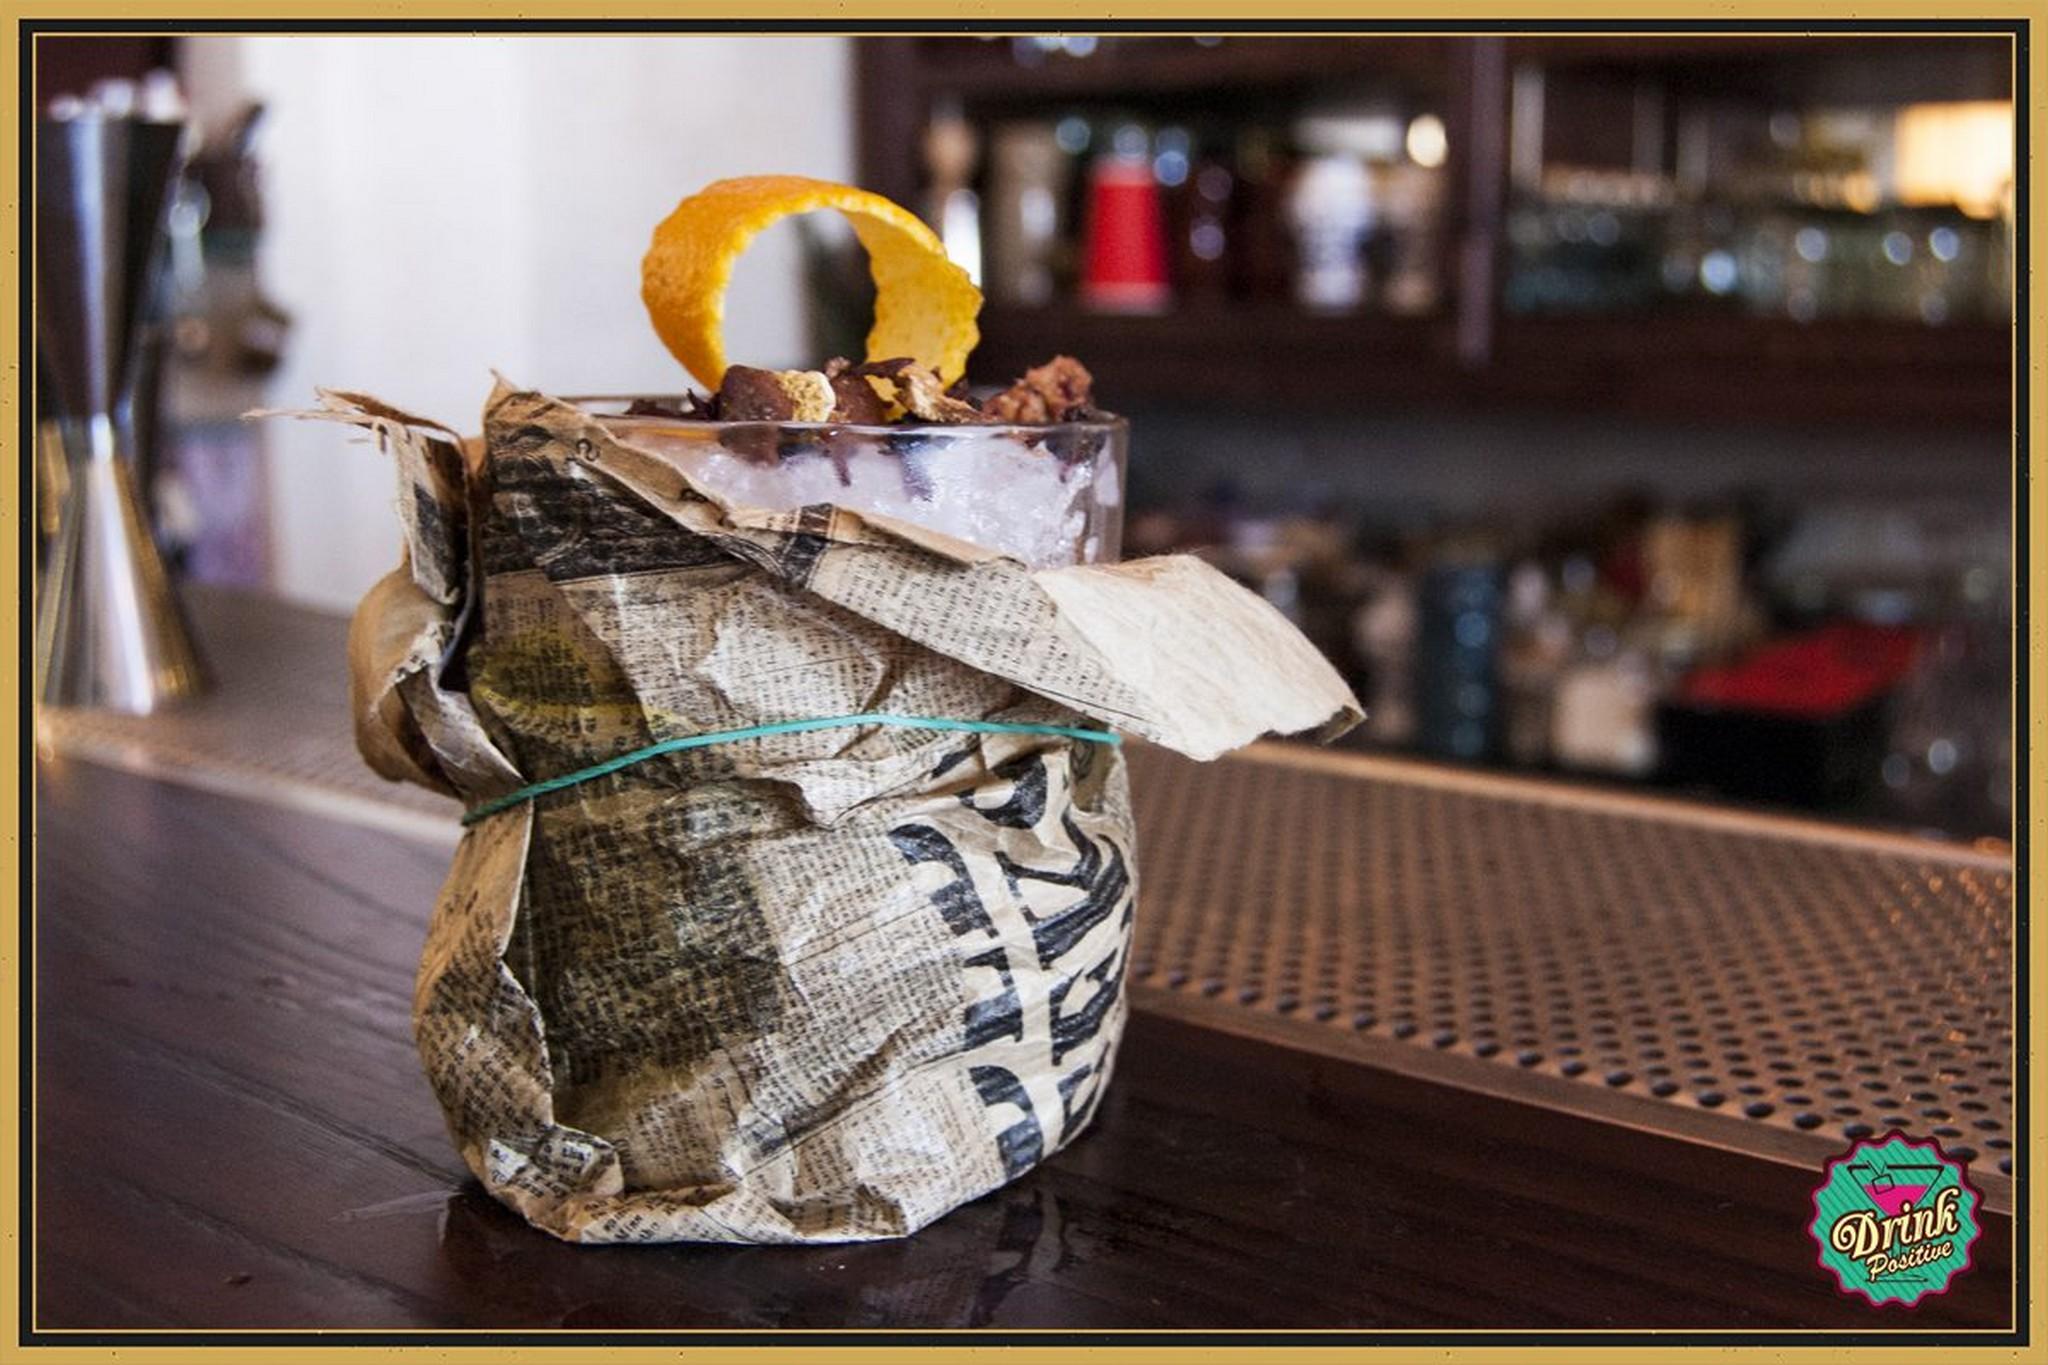 fabio_camboni_Gaeta_Drink_Positive_consulenze__apertura_locali_corsi_barman_180